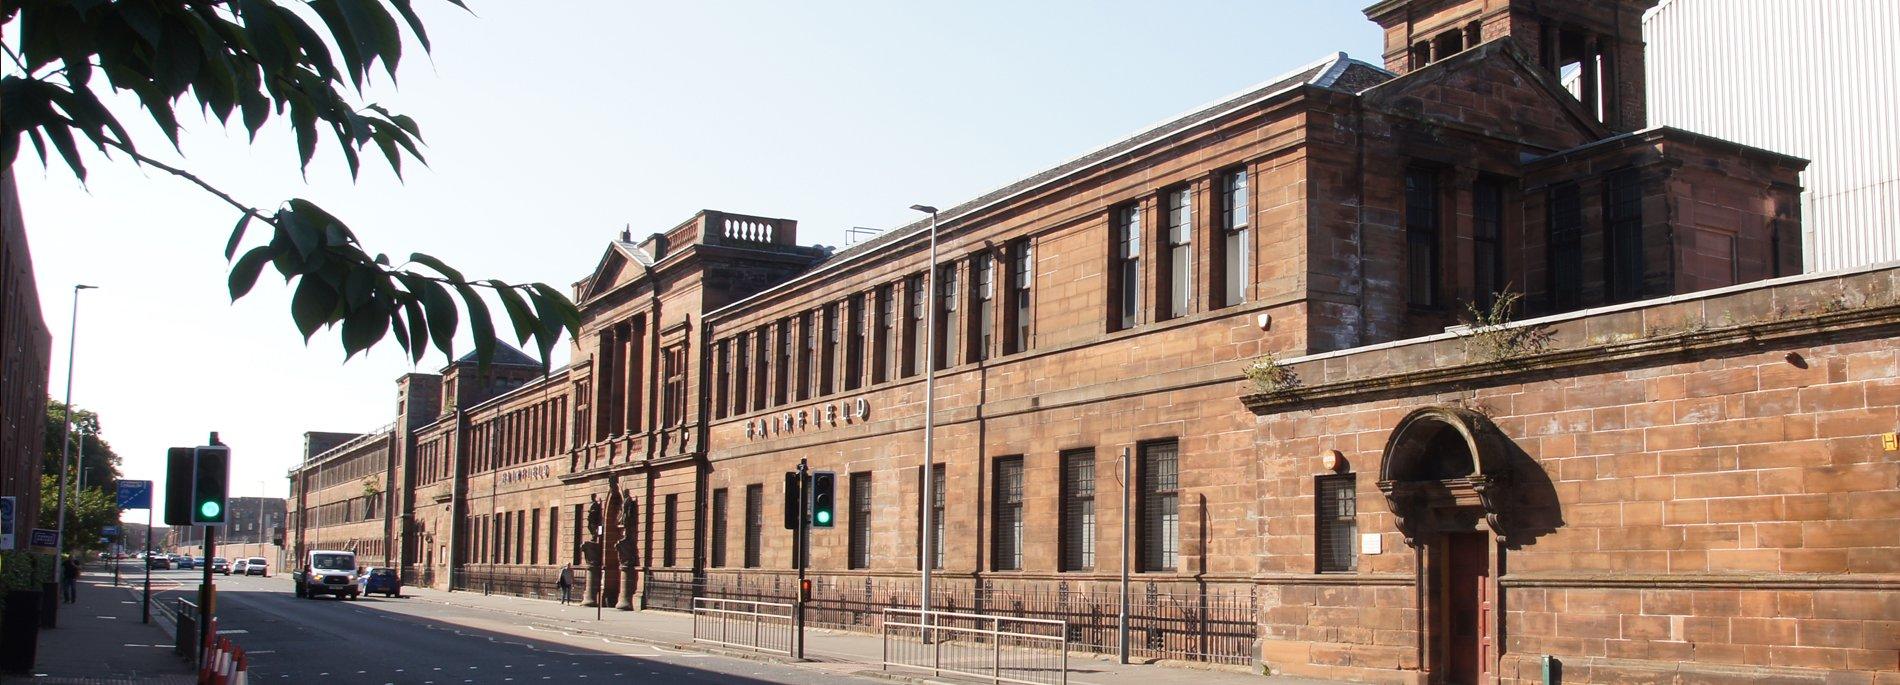 Fairfield Building